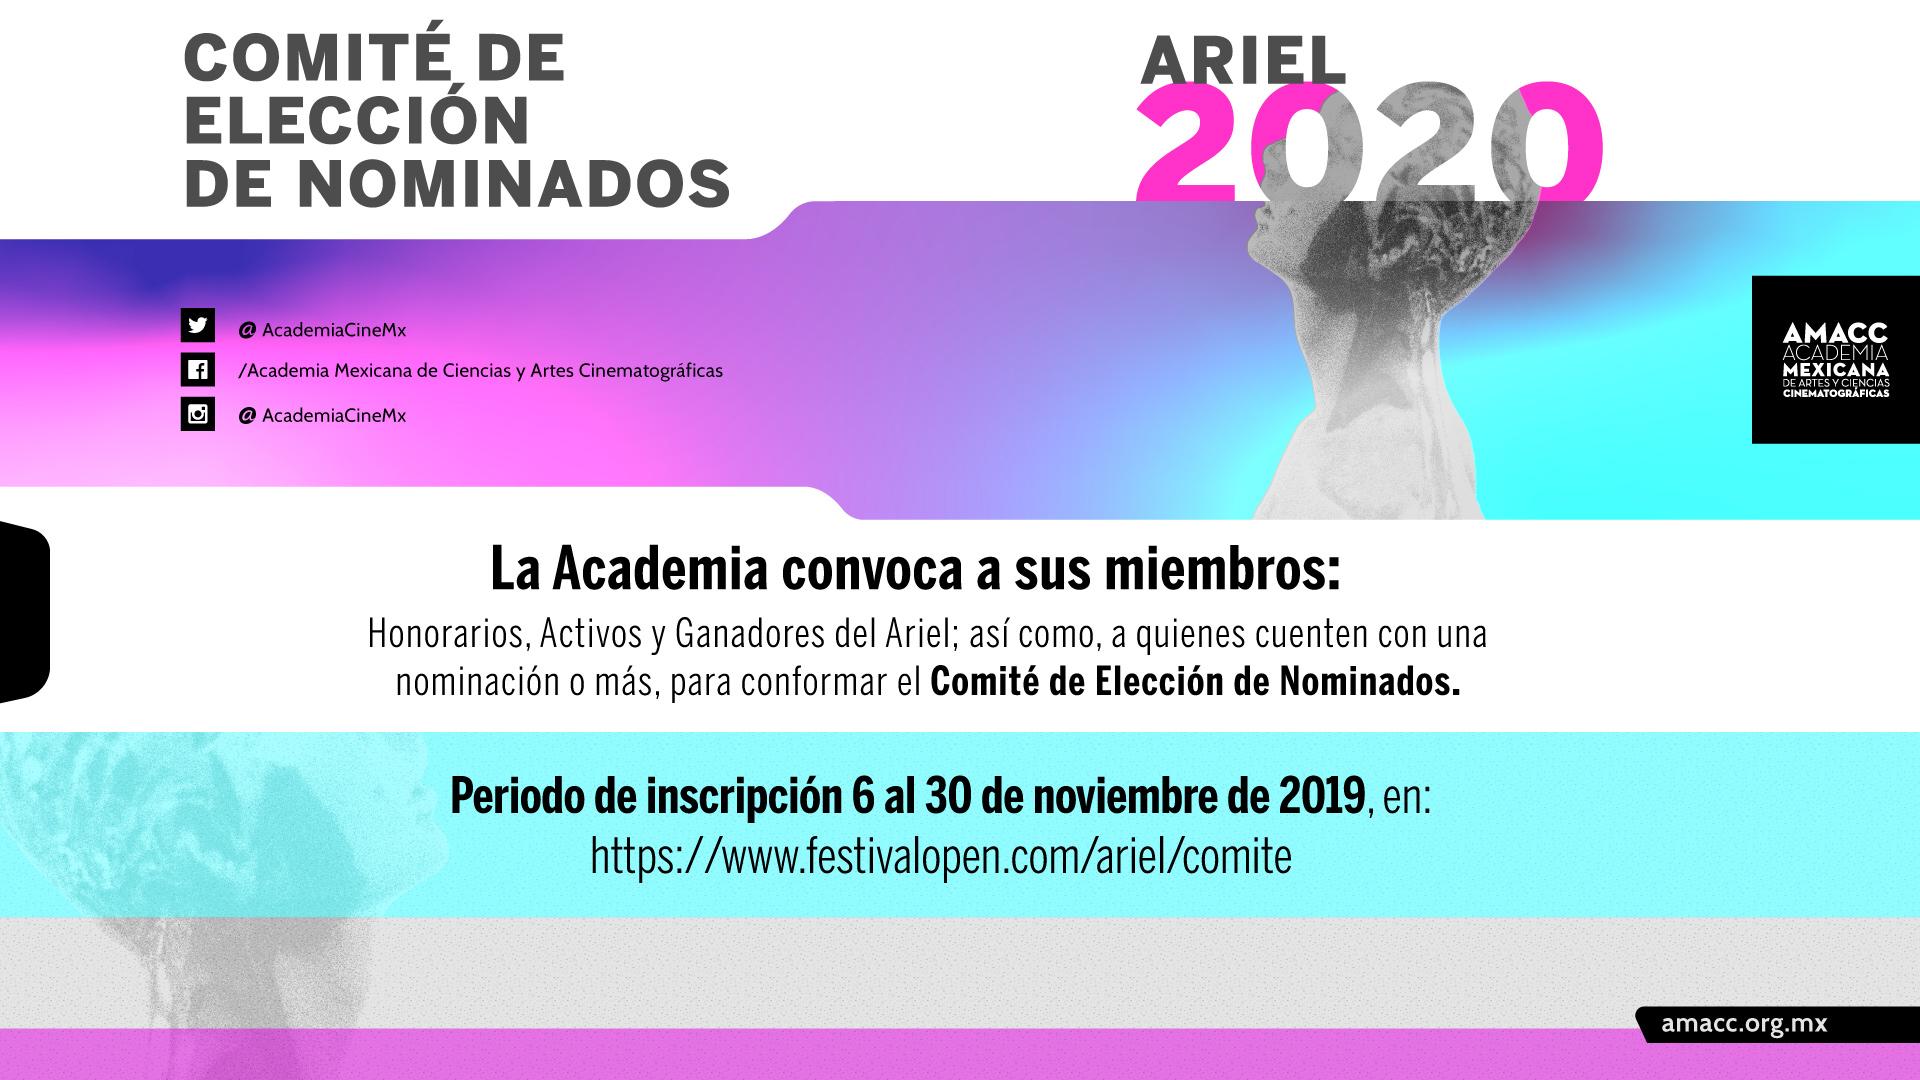 Inscríbete al Comité de Elección del Ariel 2020